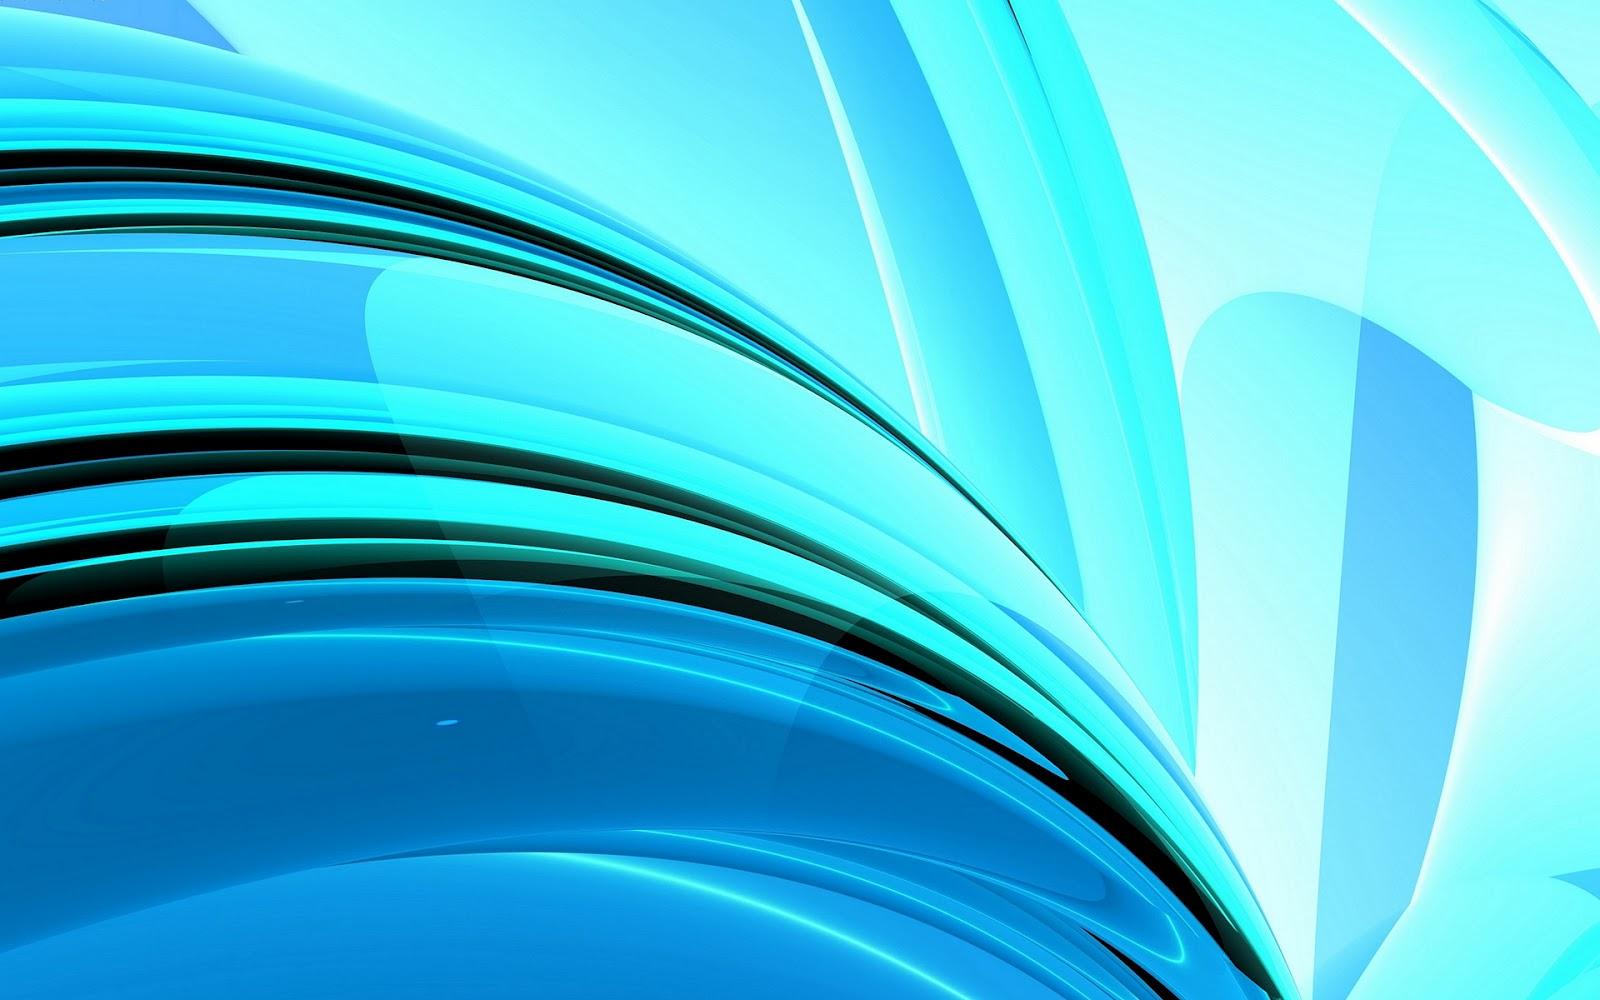 donkerblauwe abstracte wallpaper met - photo #18